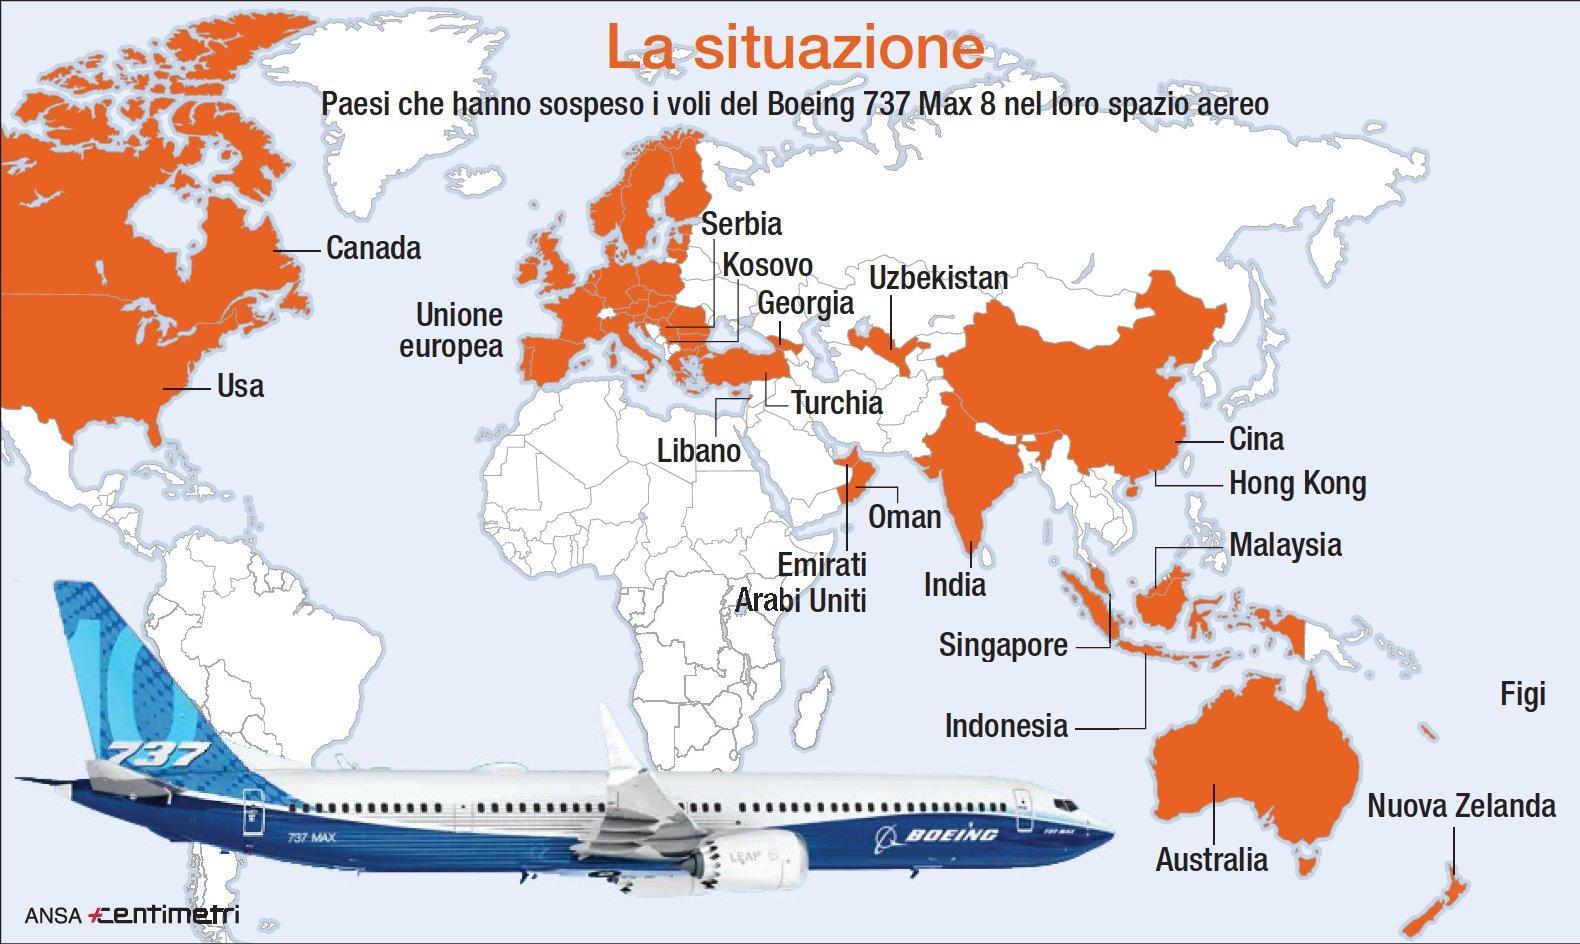 Tutti i paesi che hanno  bandito  il Boeing 737 Max 8